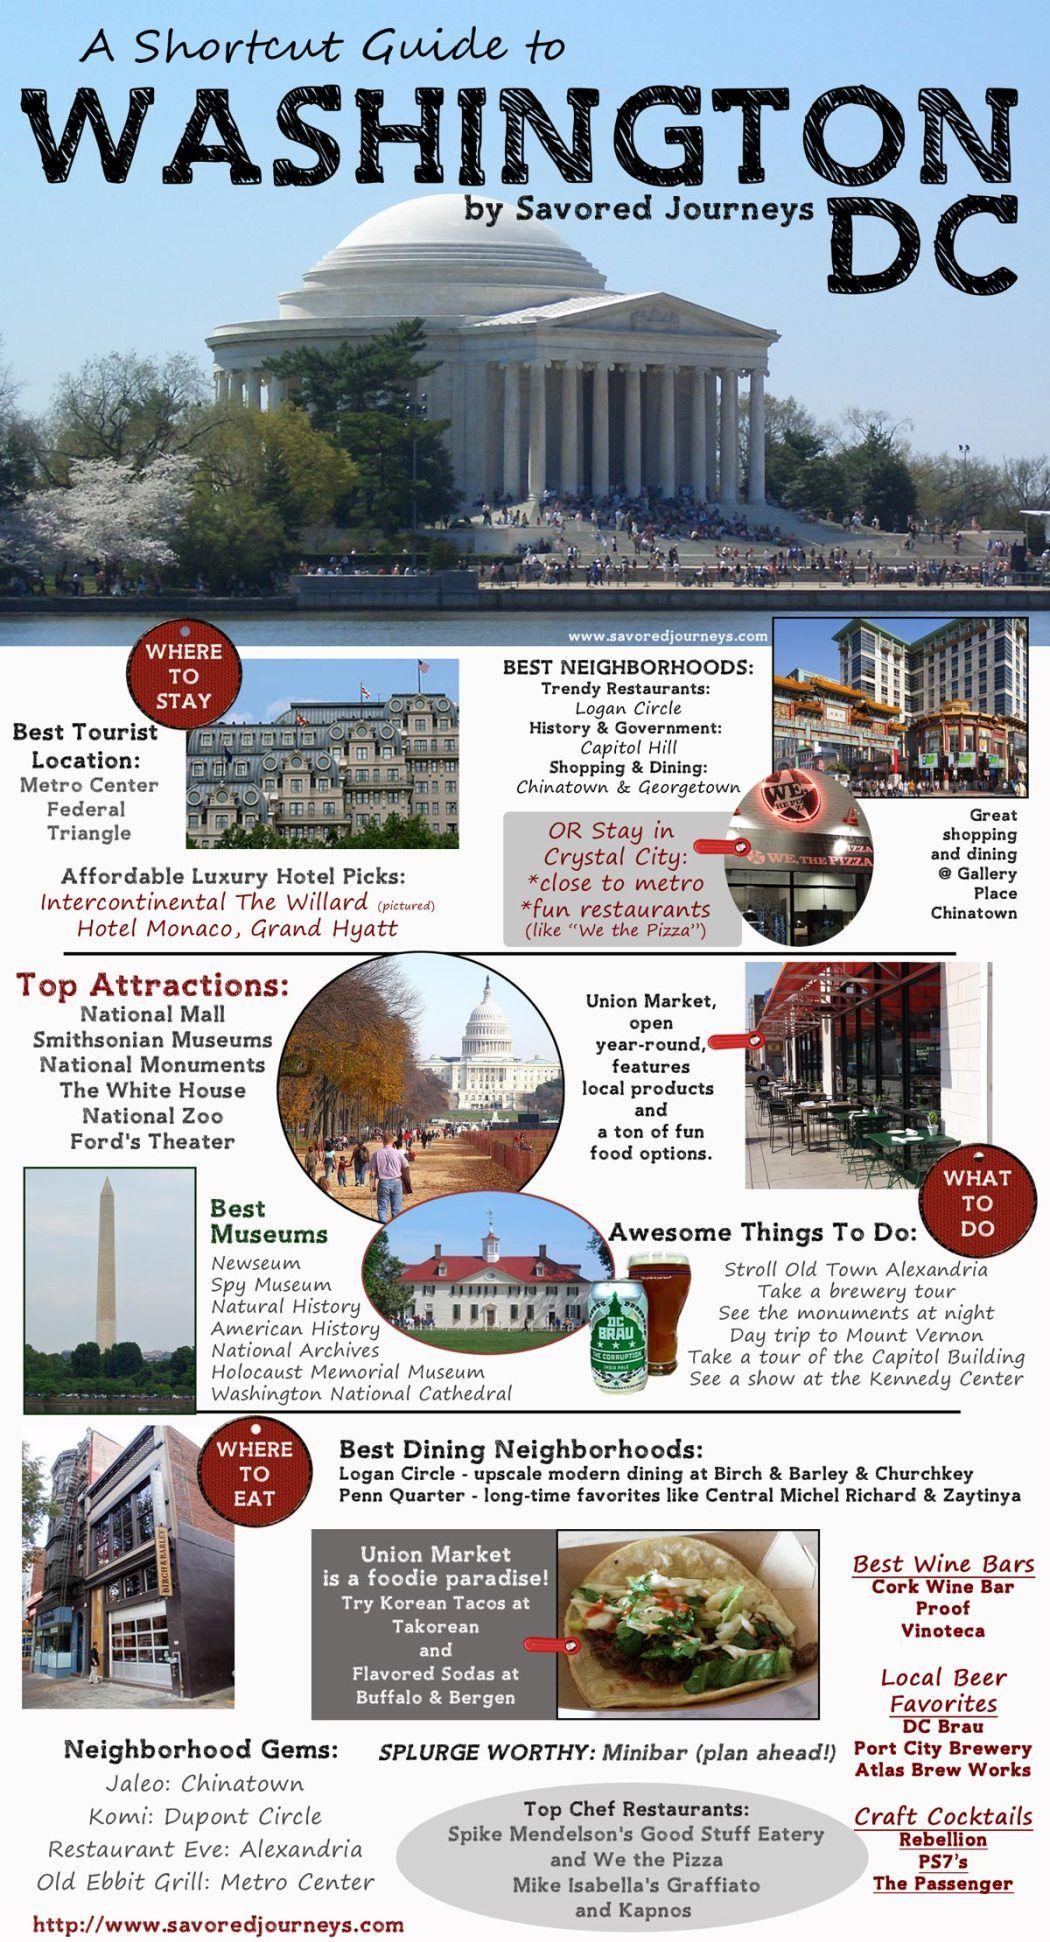 A Shortcut Insider's Guide to Washington DC | SavoredJourneys.com